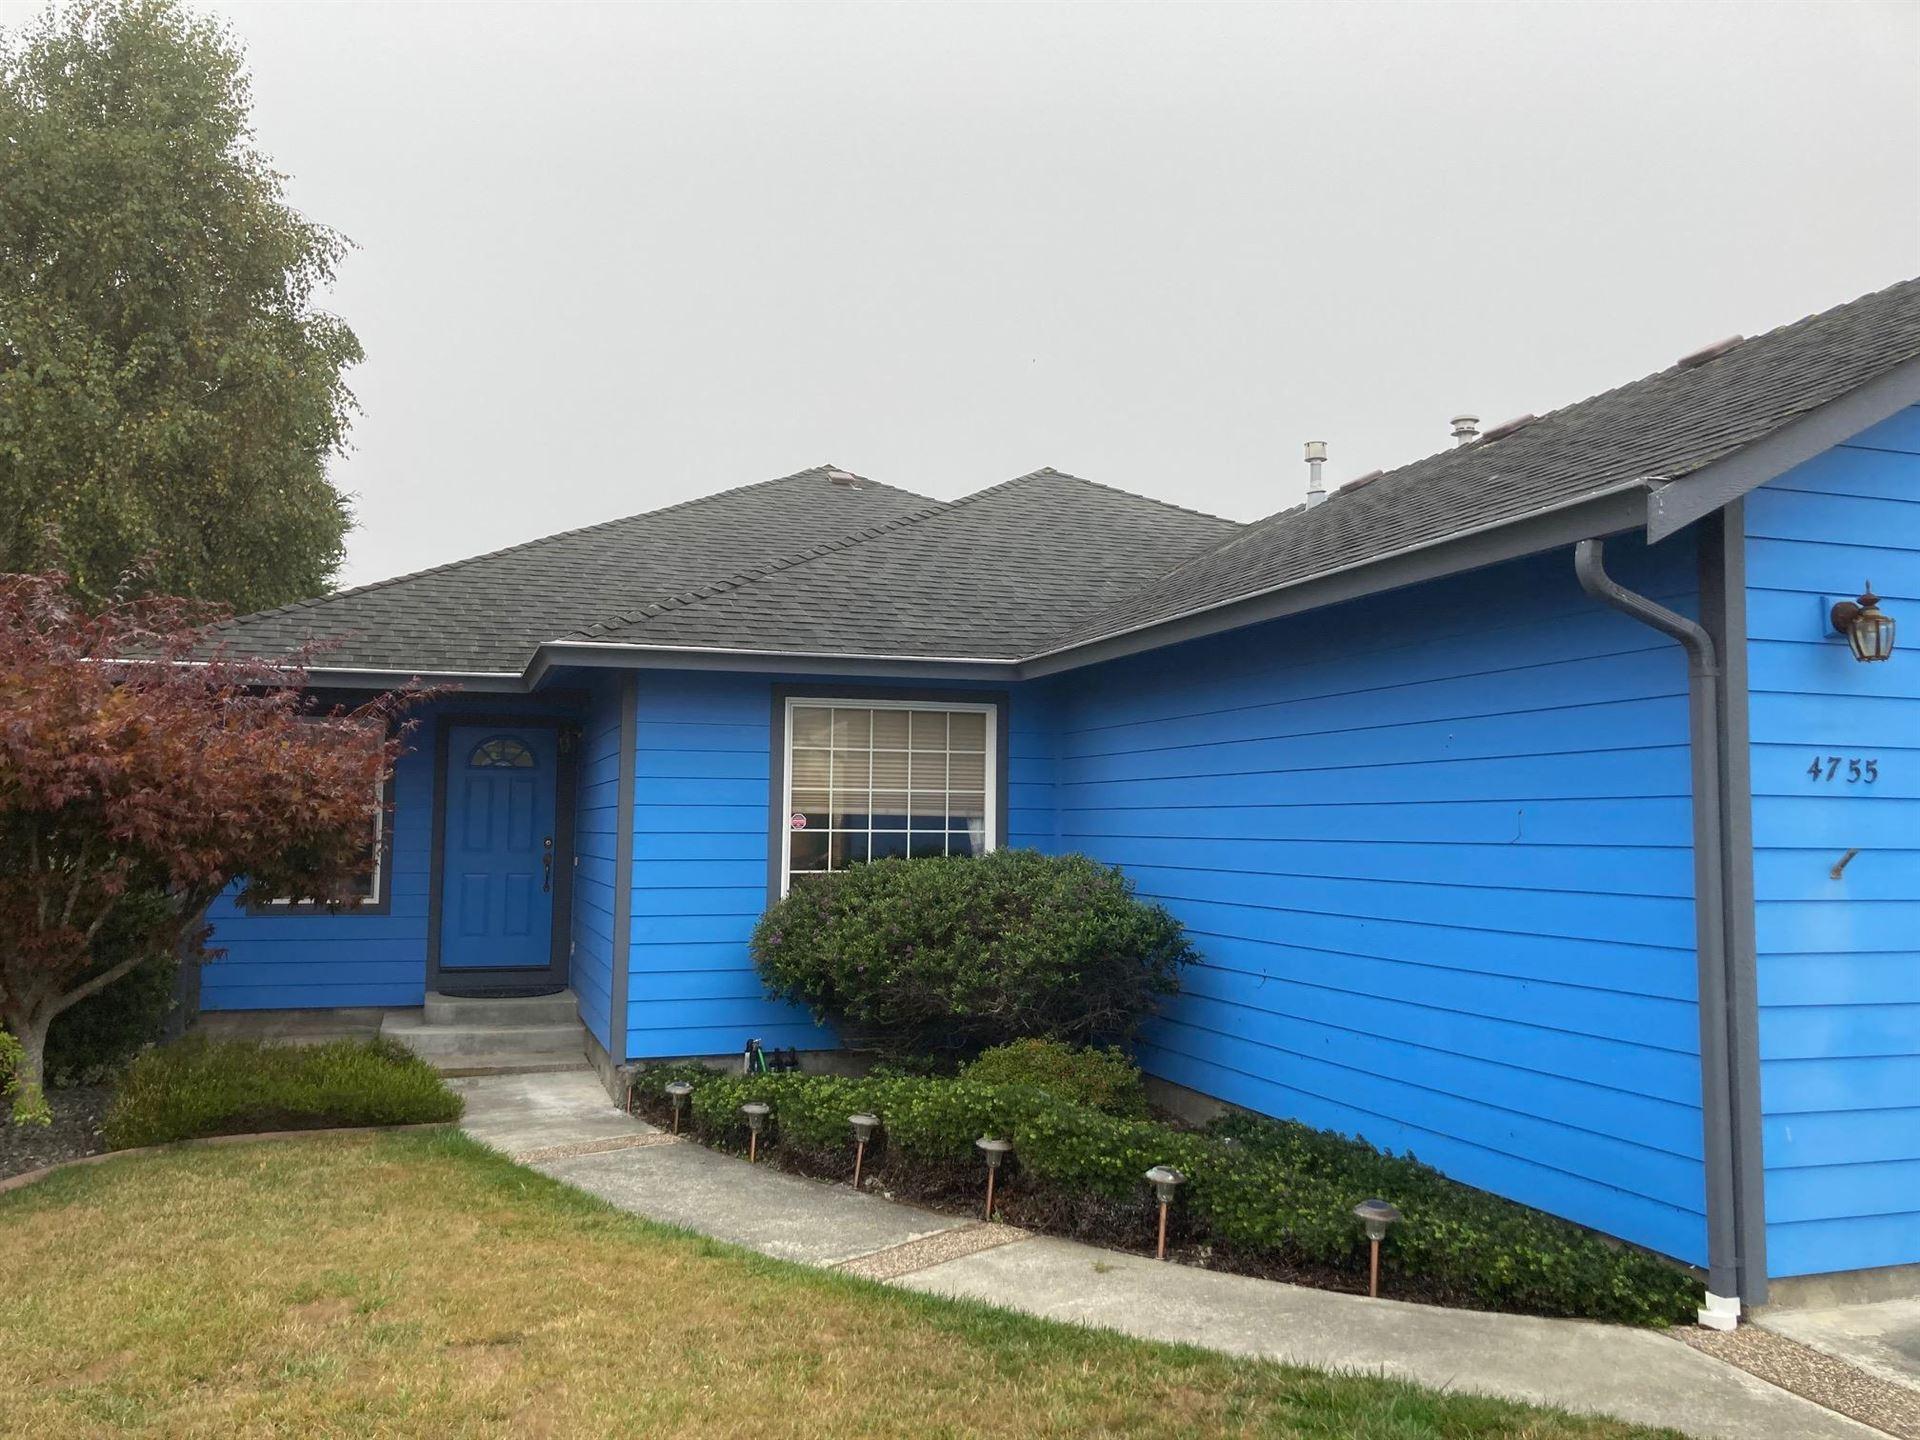 4755 Kincaid Court, Eureka, CA 95503 - MLS#: 257533